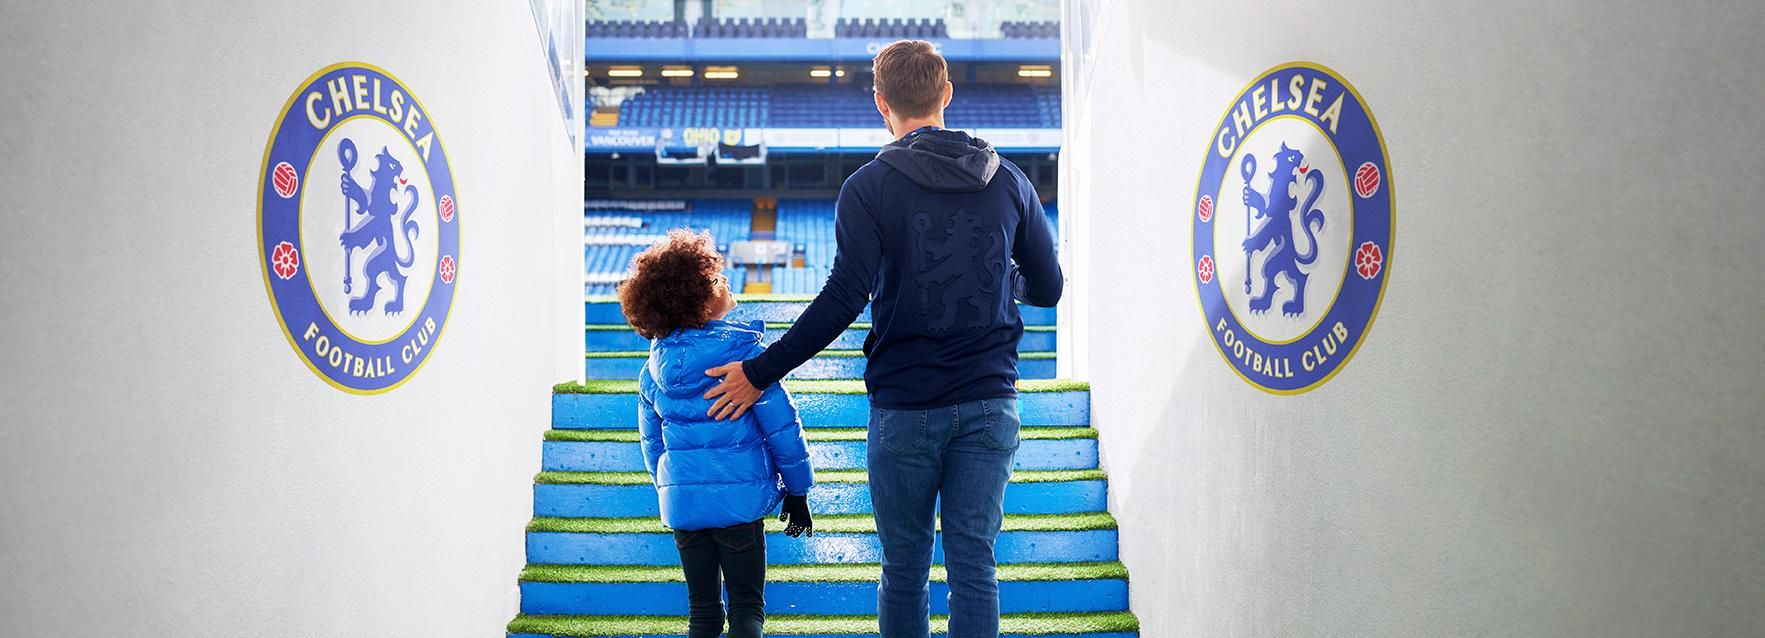 Londra: tour dello Stadio e del Museo del Chelsea F.C.